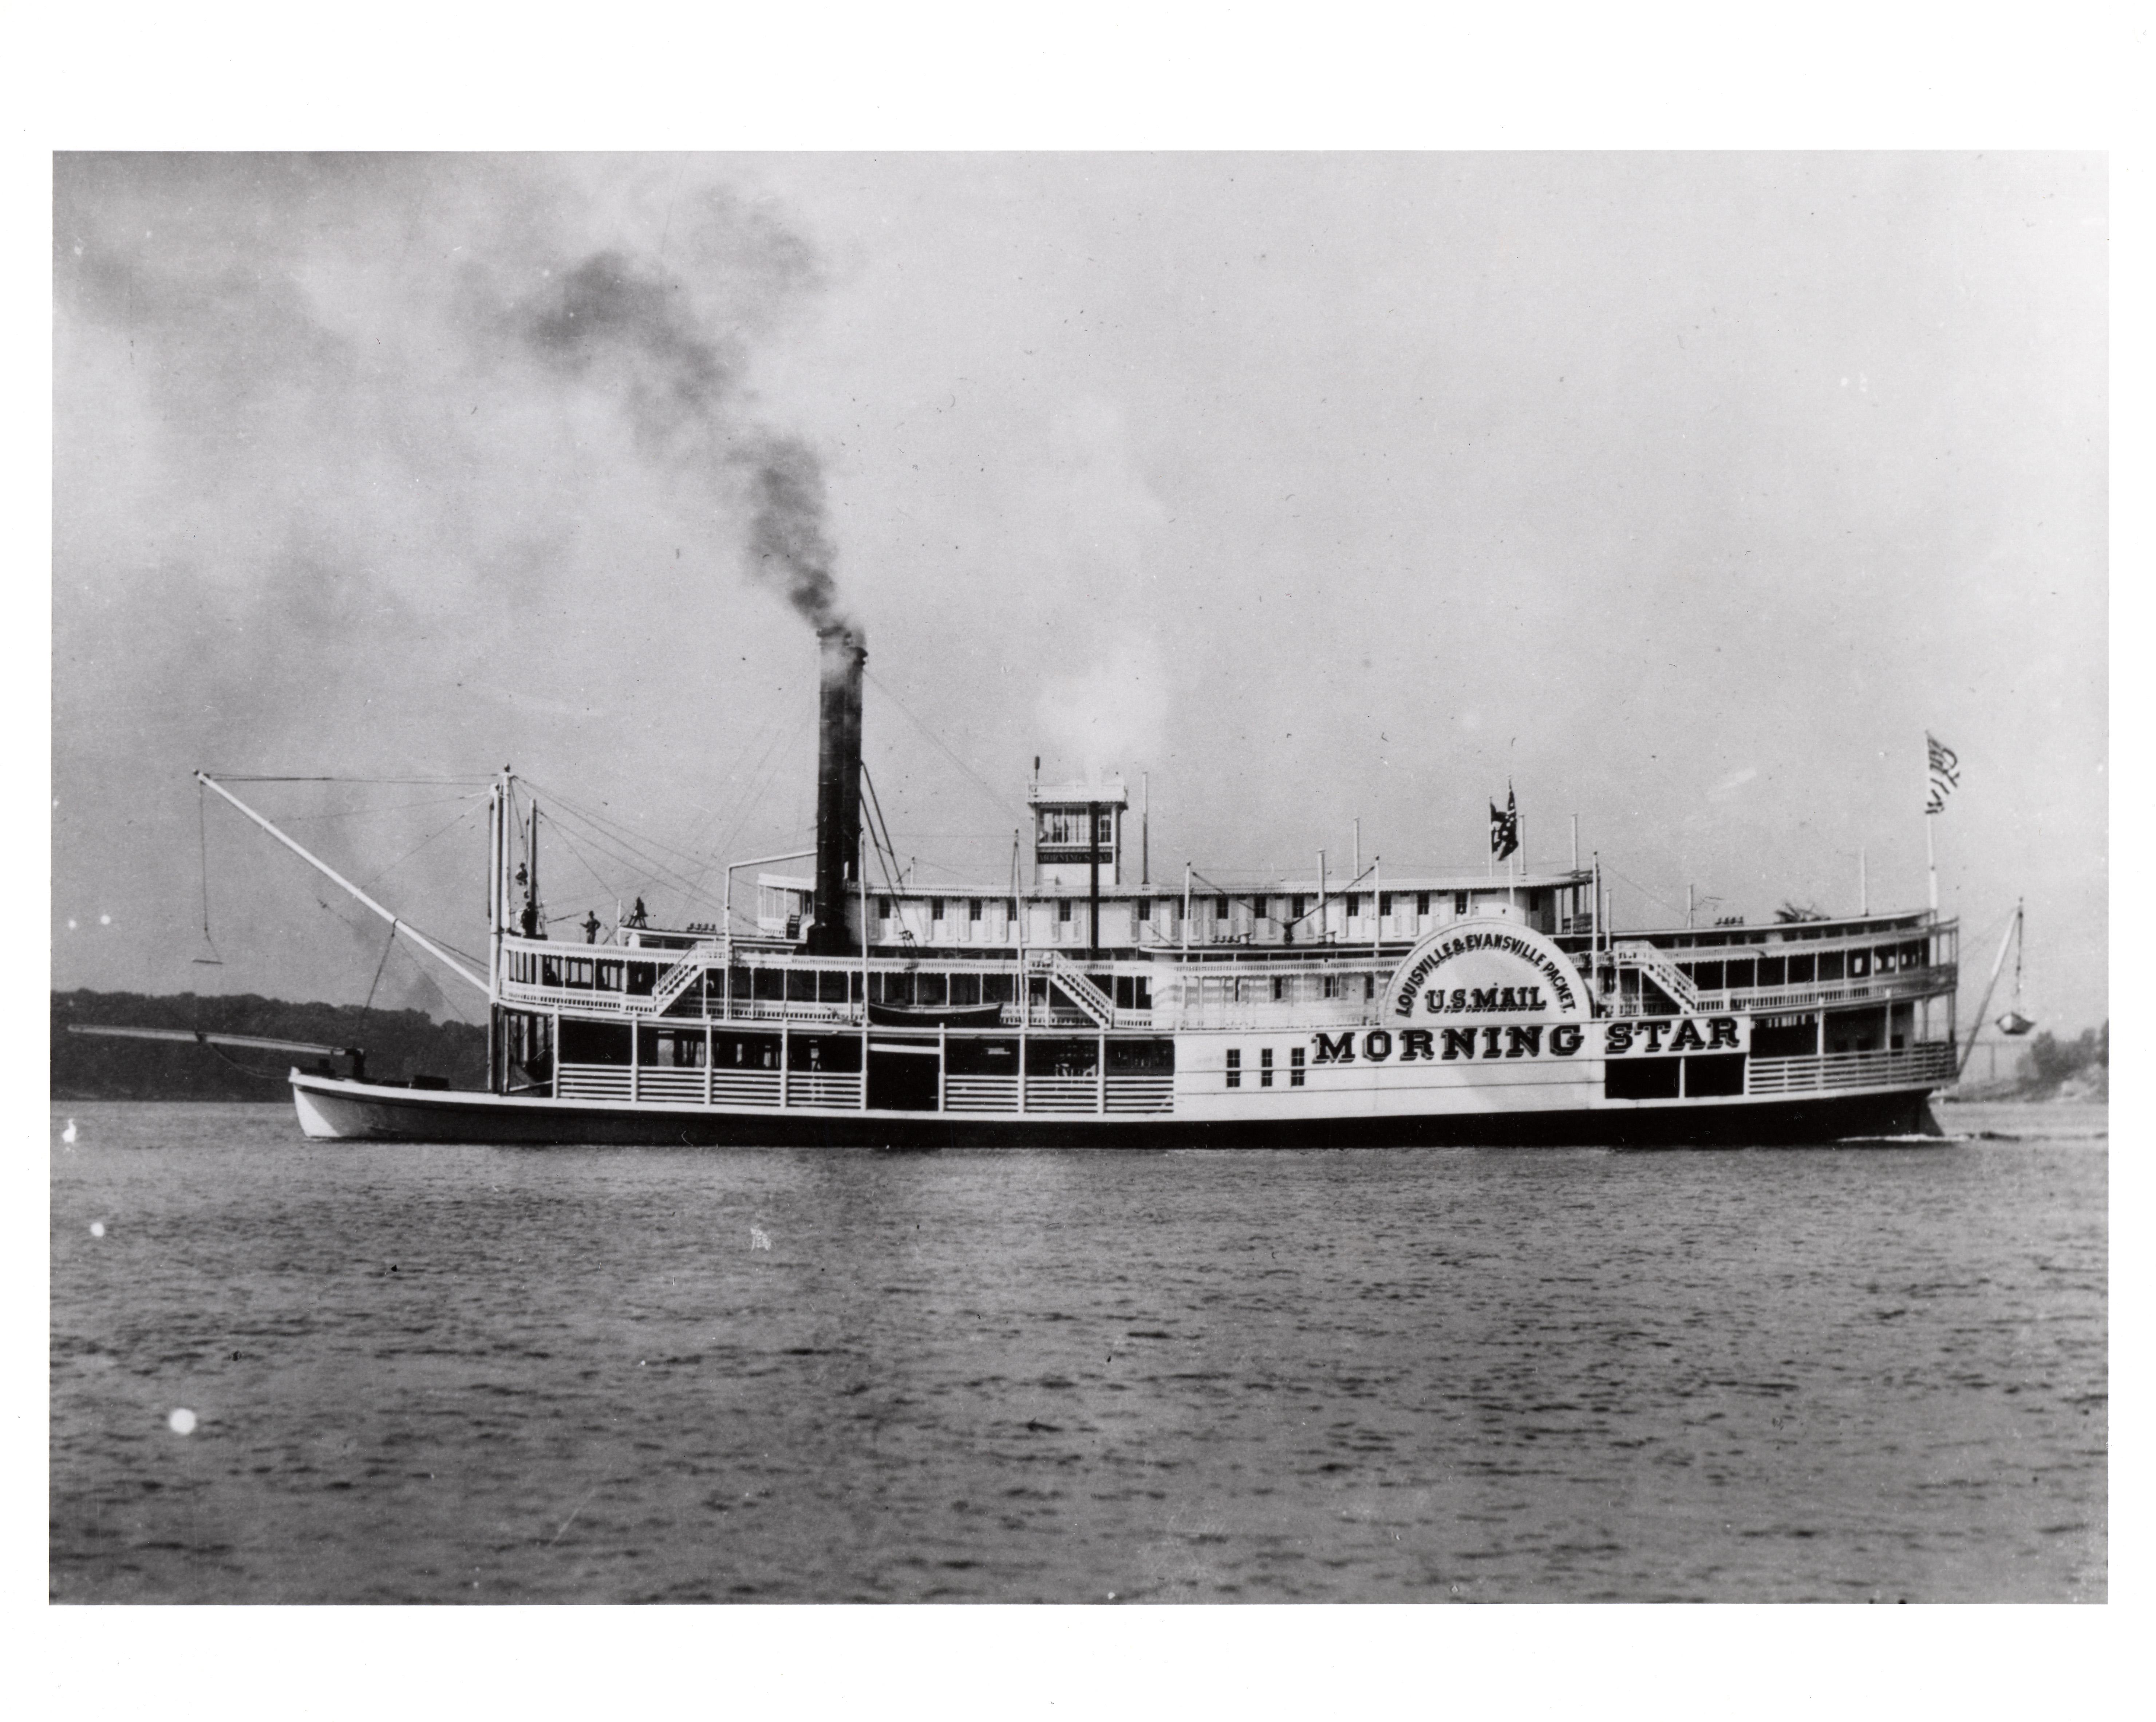 Description steamboat morning star 1858